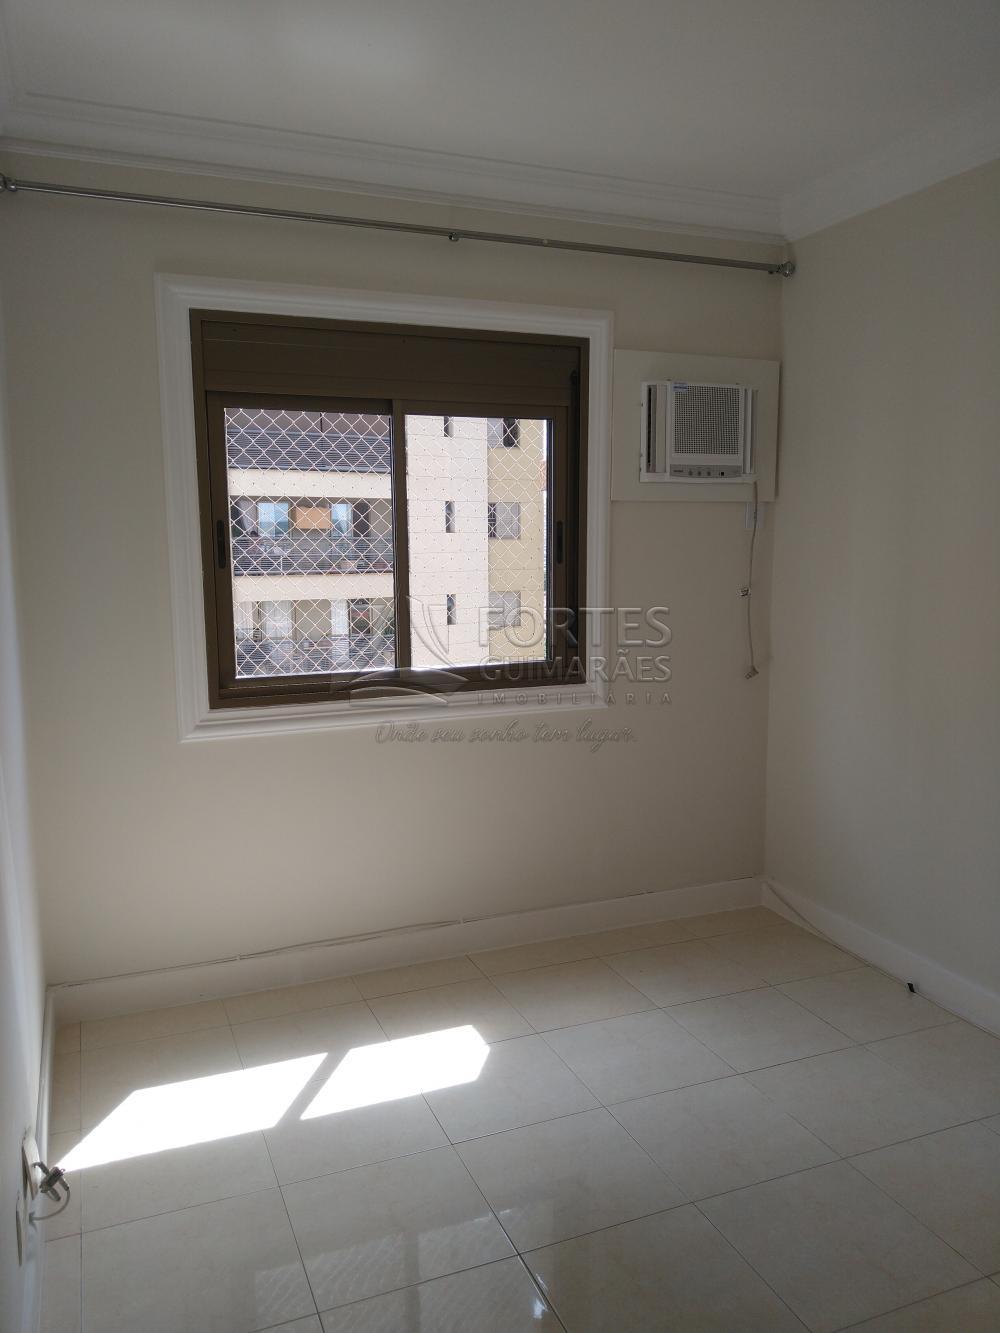 Alugar Apartamentos / Padrão em Ribeirão Preto apenas R$ 3.000,00 - Foto 24